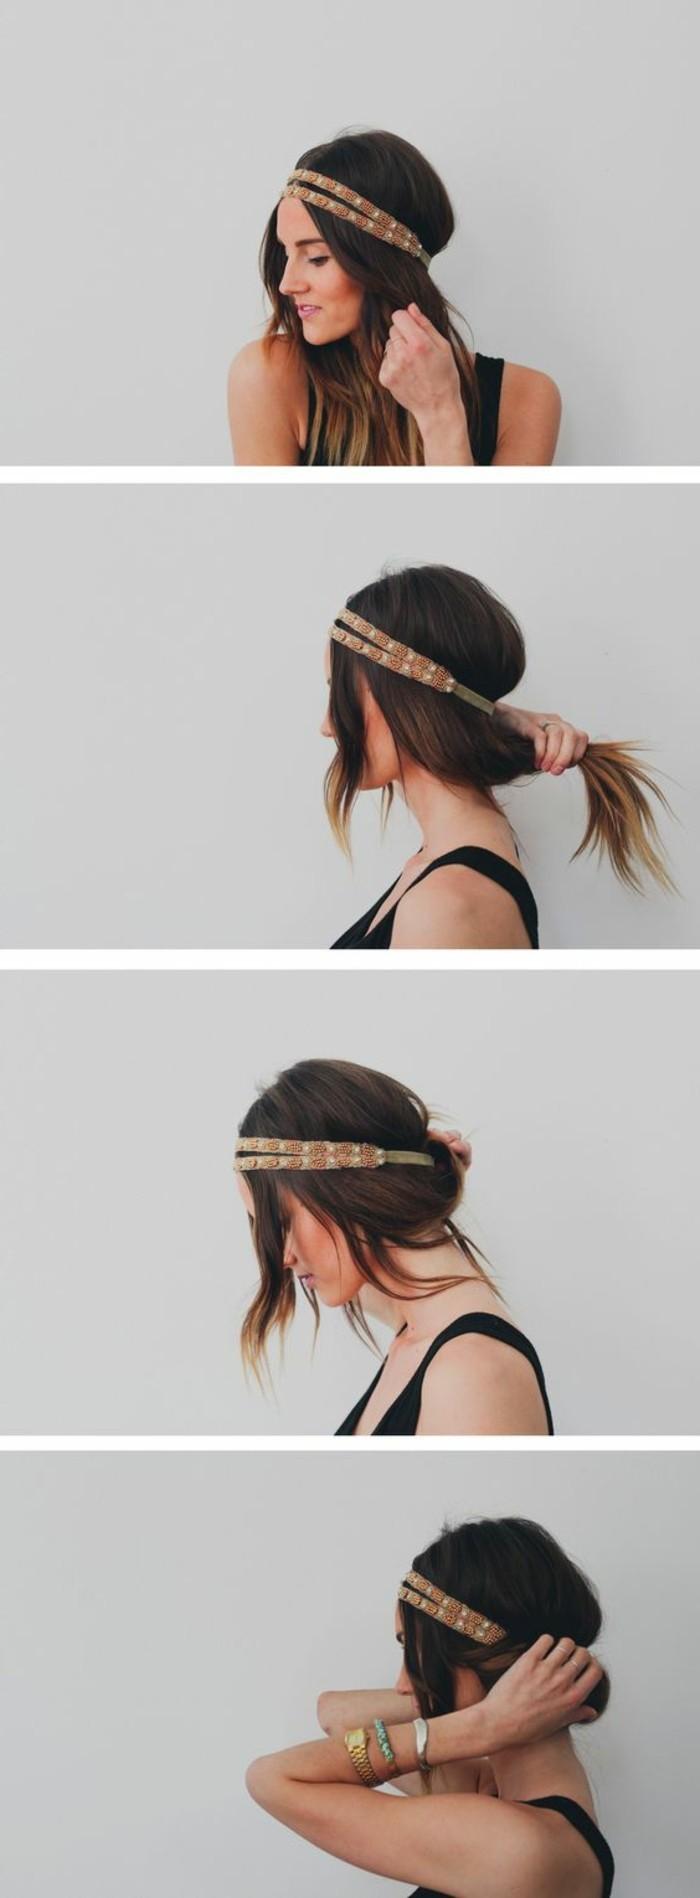 0-jolie-coiffure-avec-bandeau-cheveux-longs-tendances-de-la-mode-cheveux-marrons